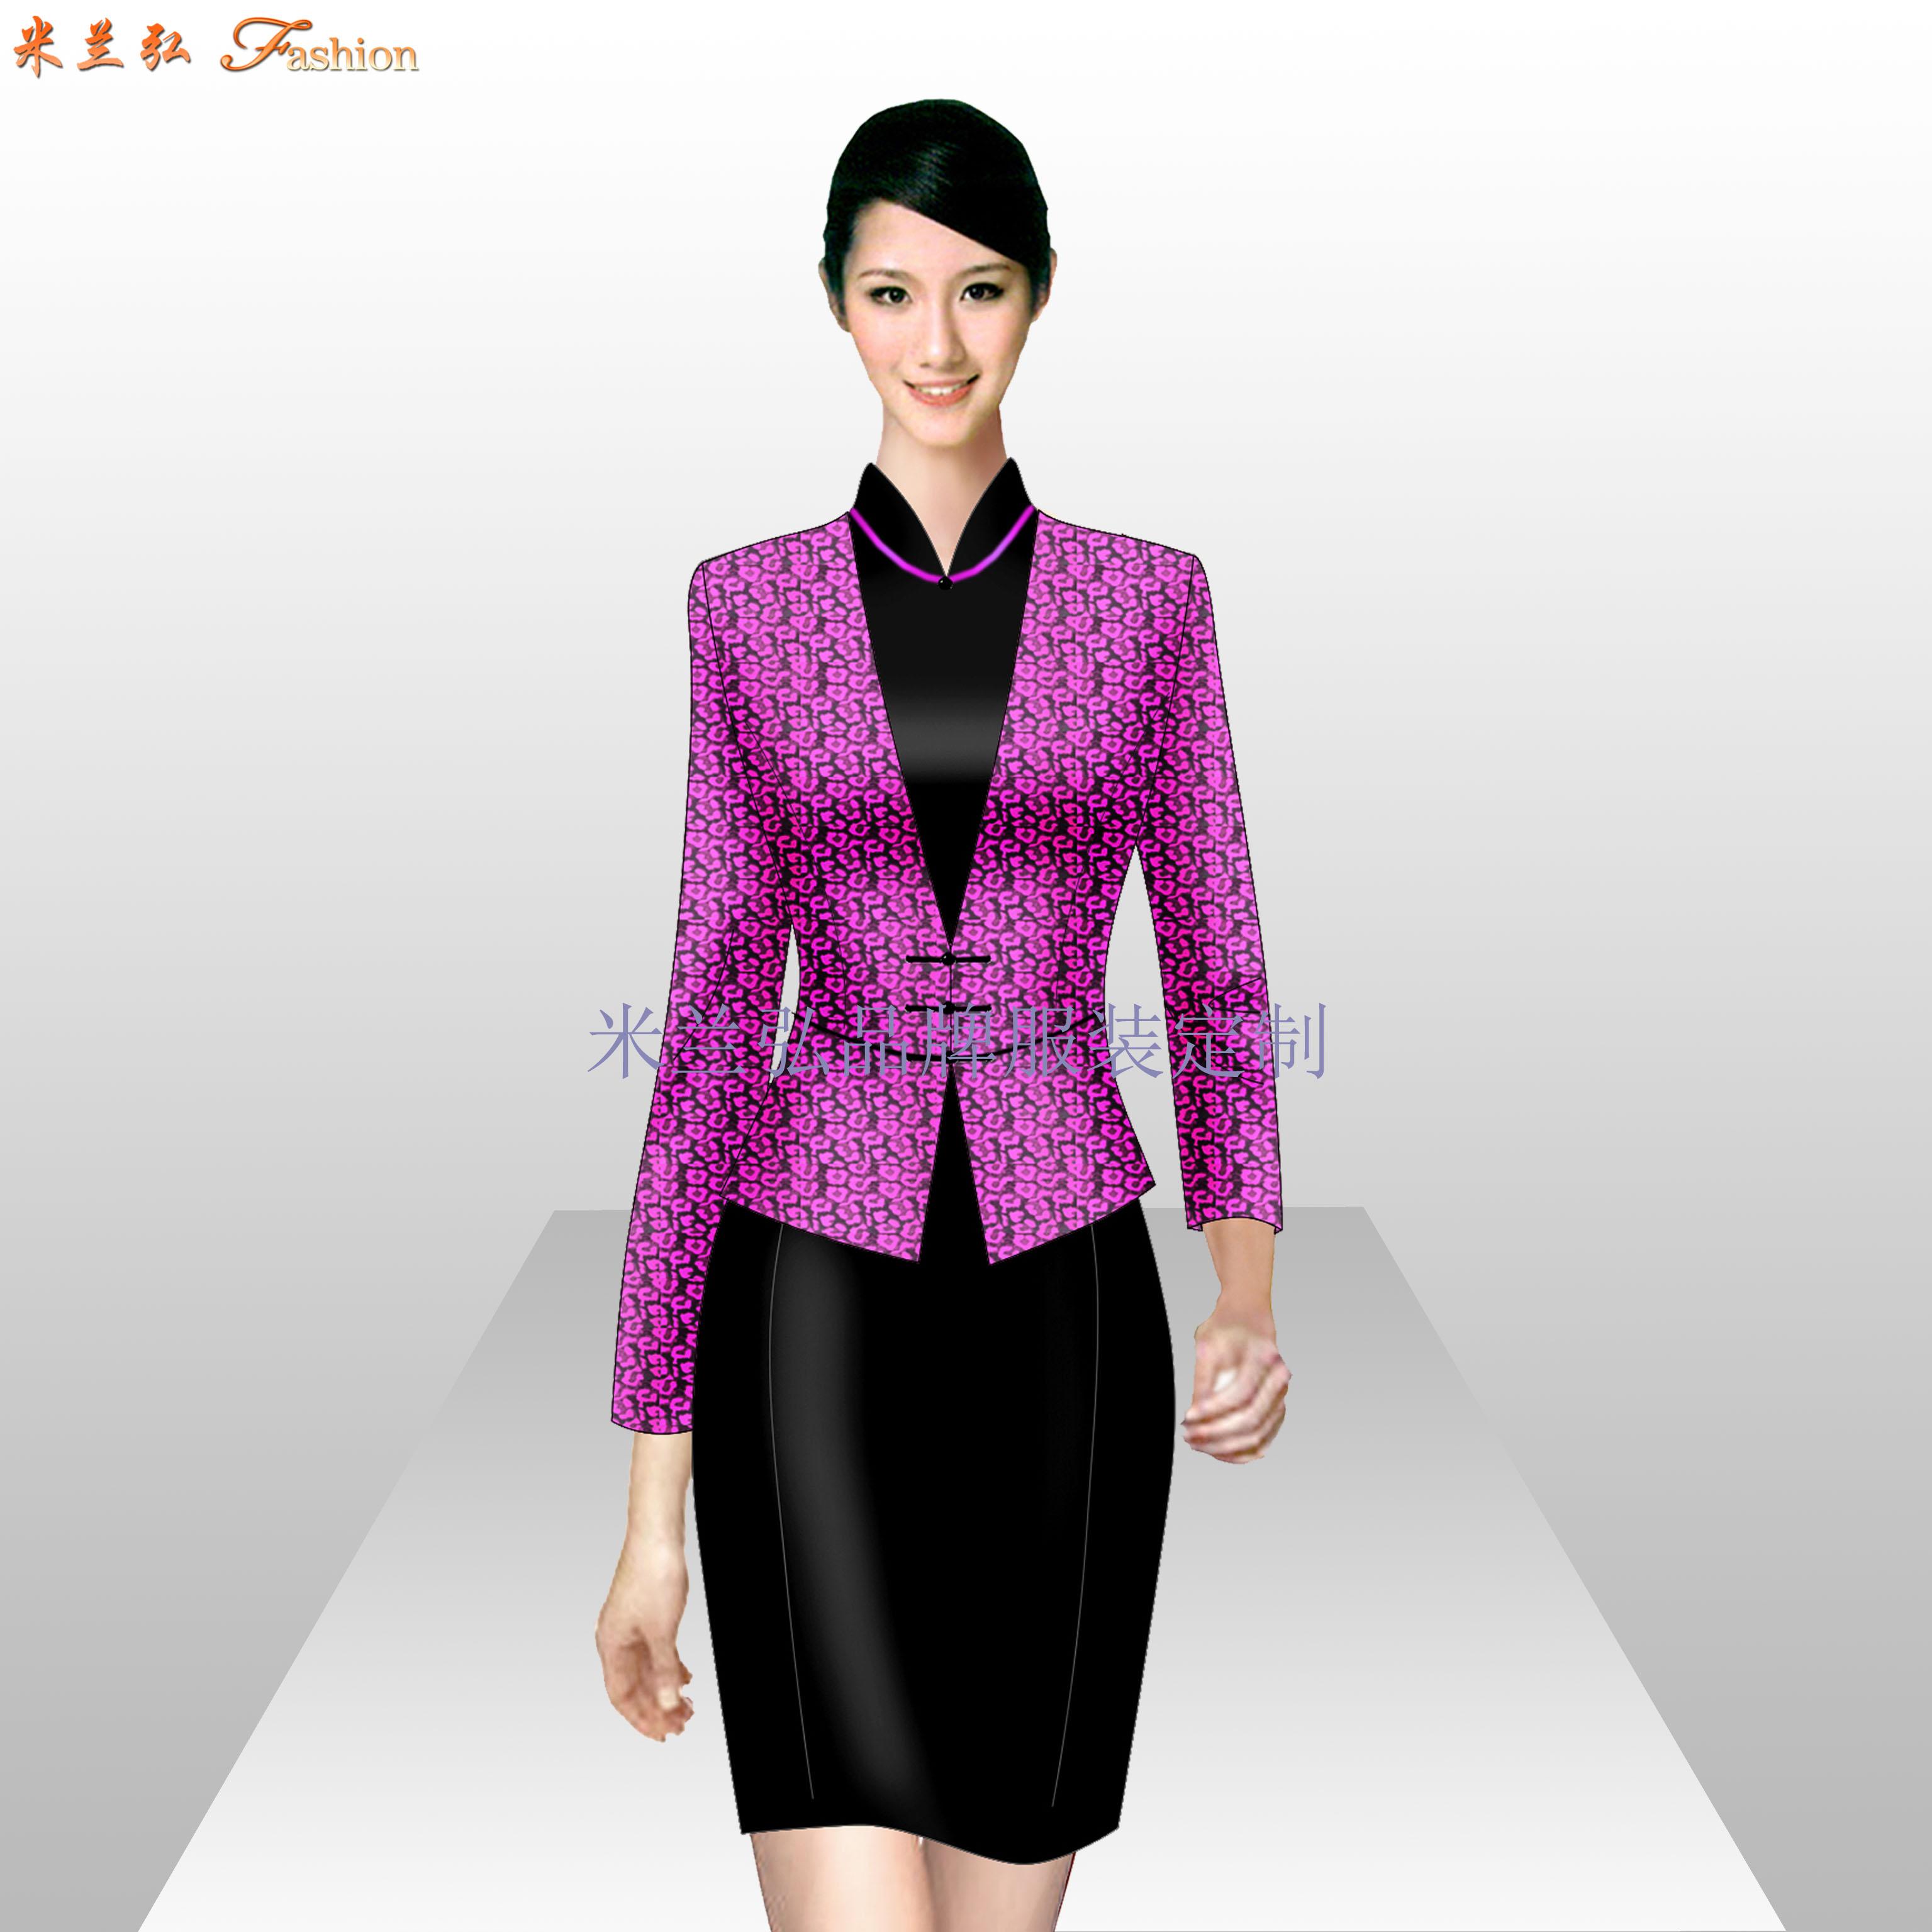 Ladiessuit女士西服套装时尚新款-蓝冠注册厂家-2